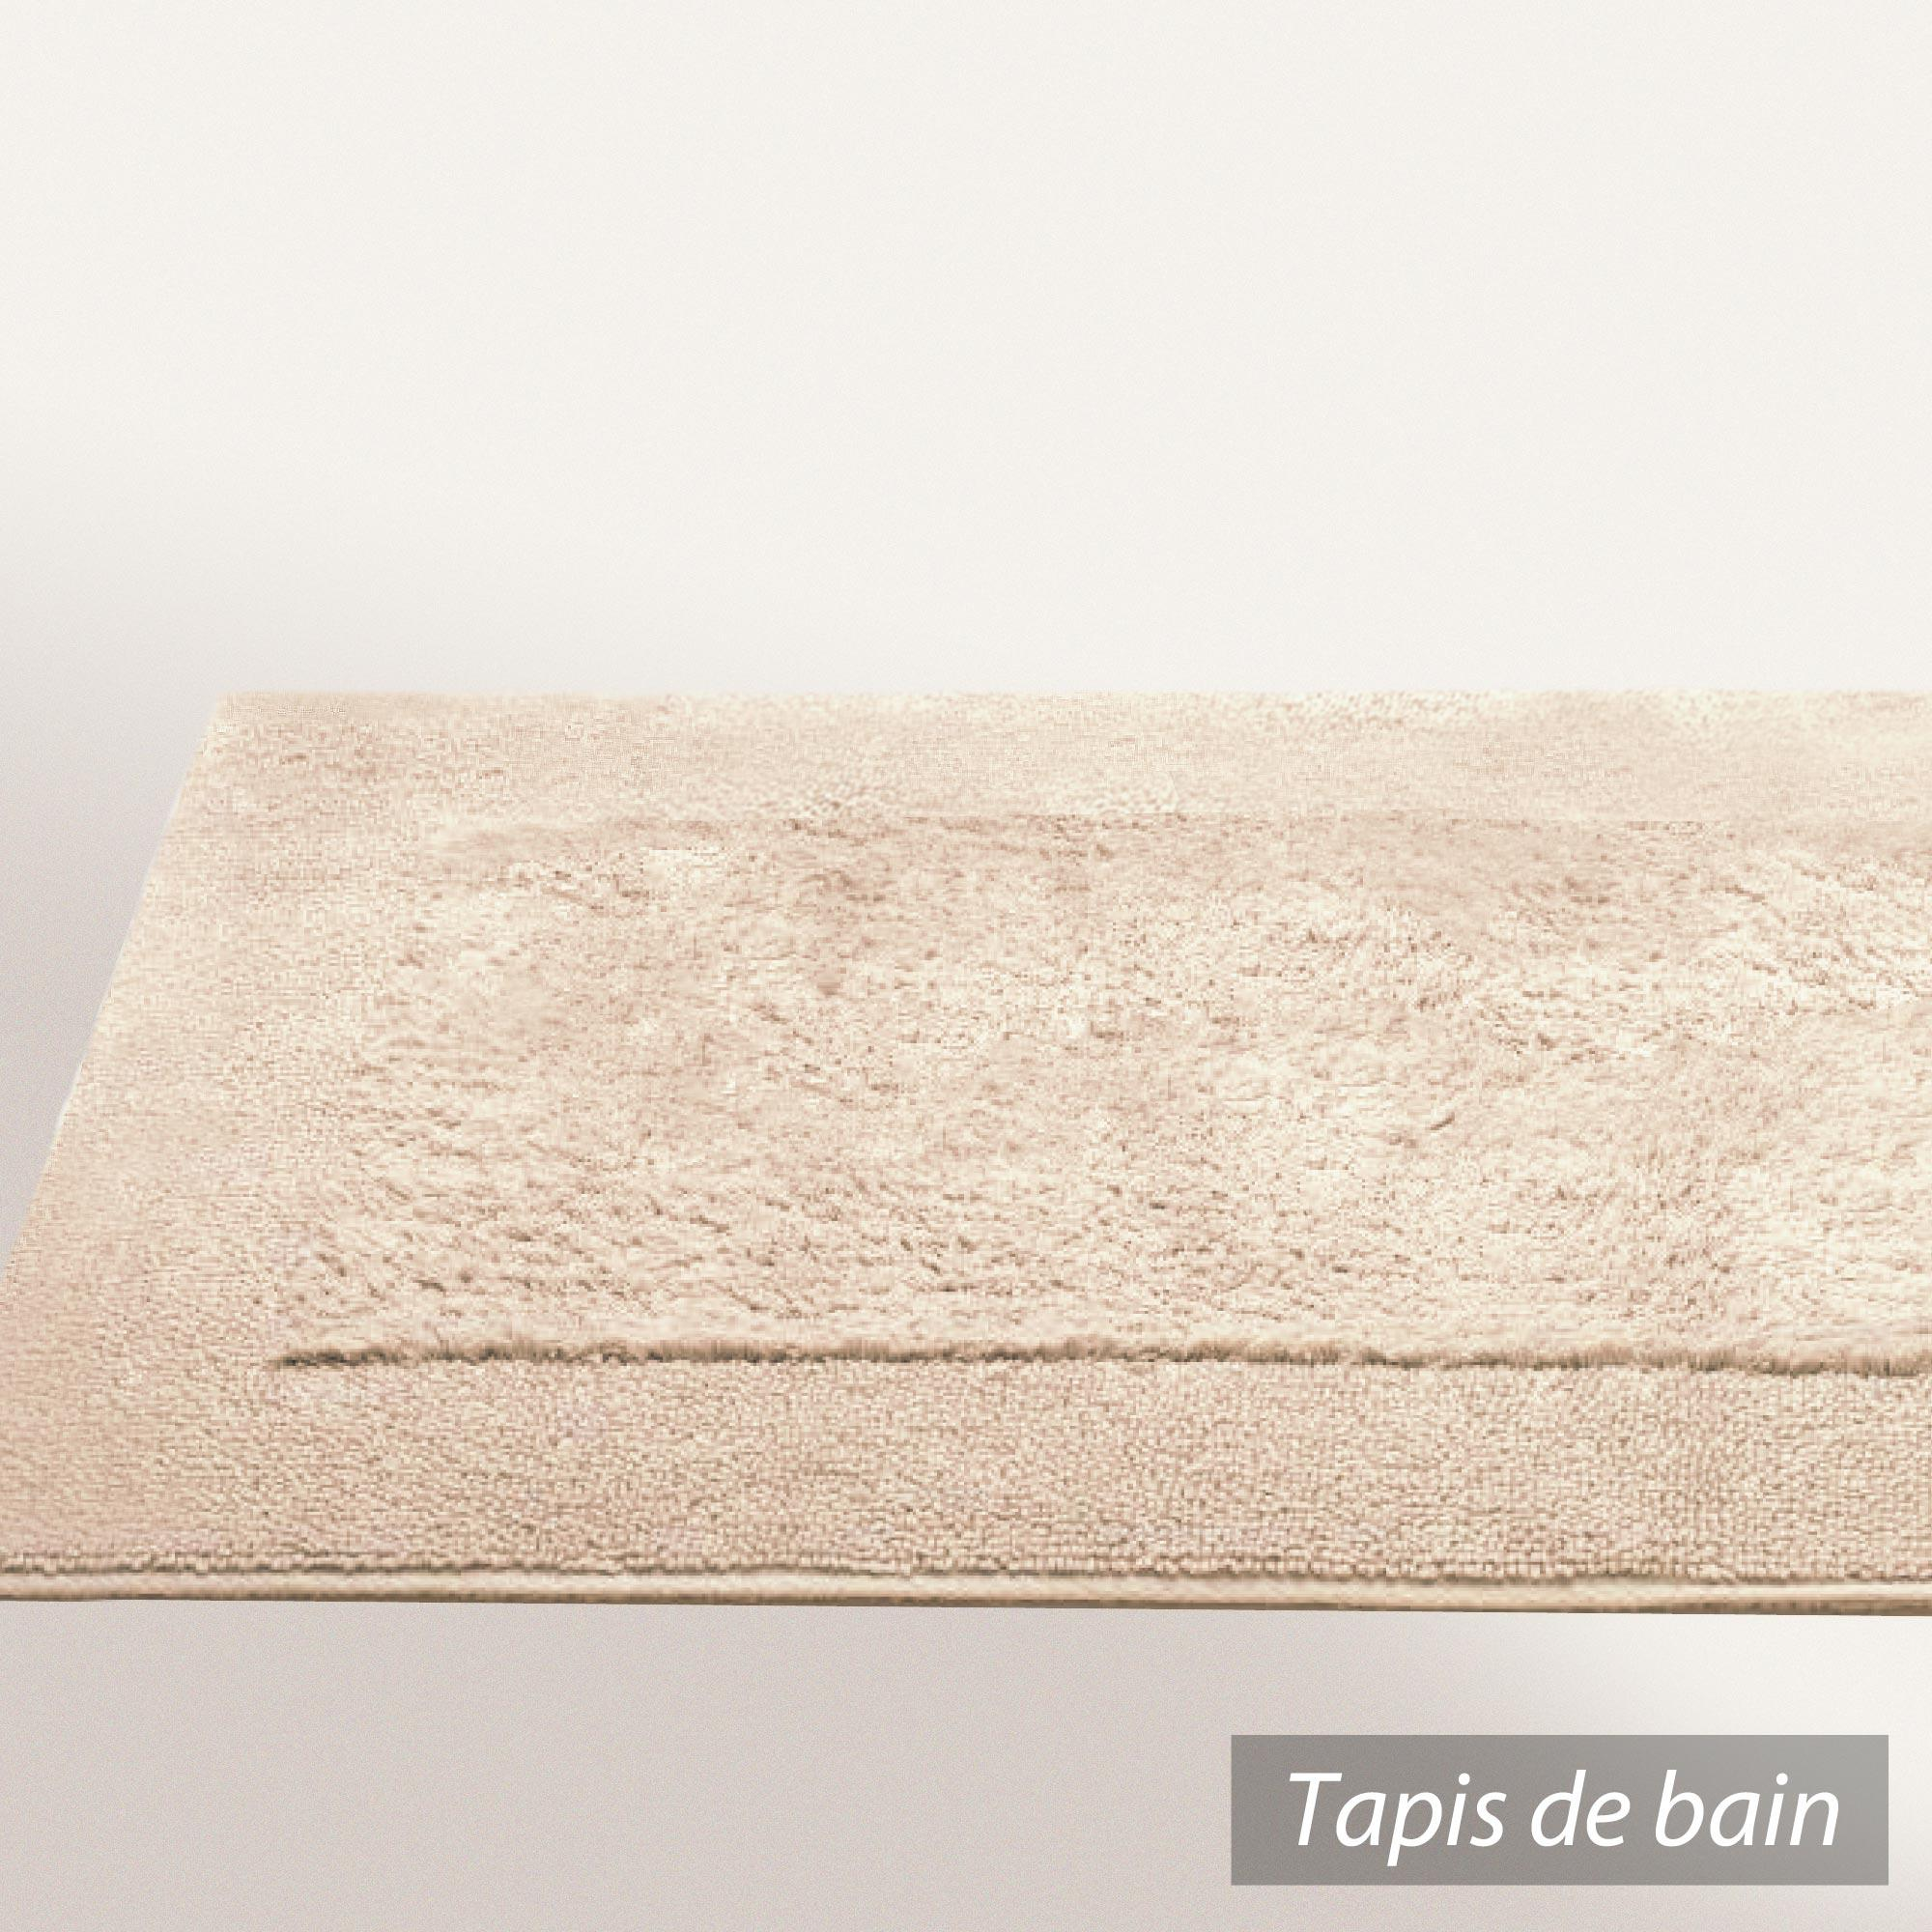 Tapis de bain 70x120cm coton uni dream marron sable - Tapis de bain formes originales ...